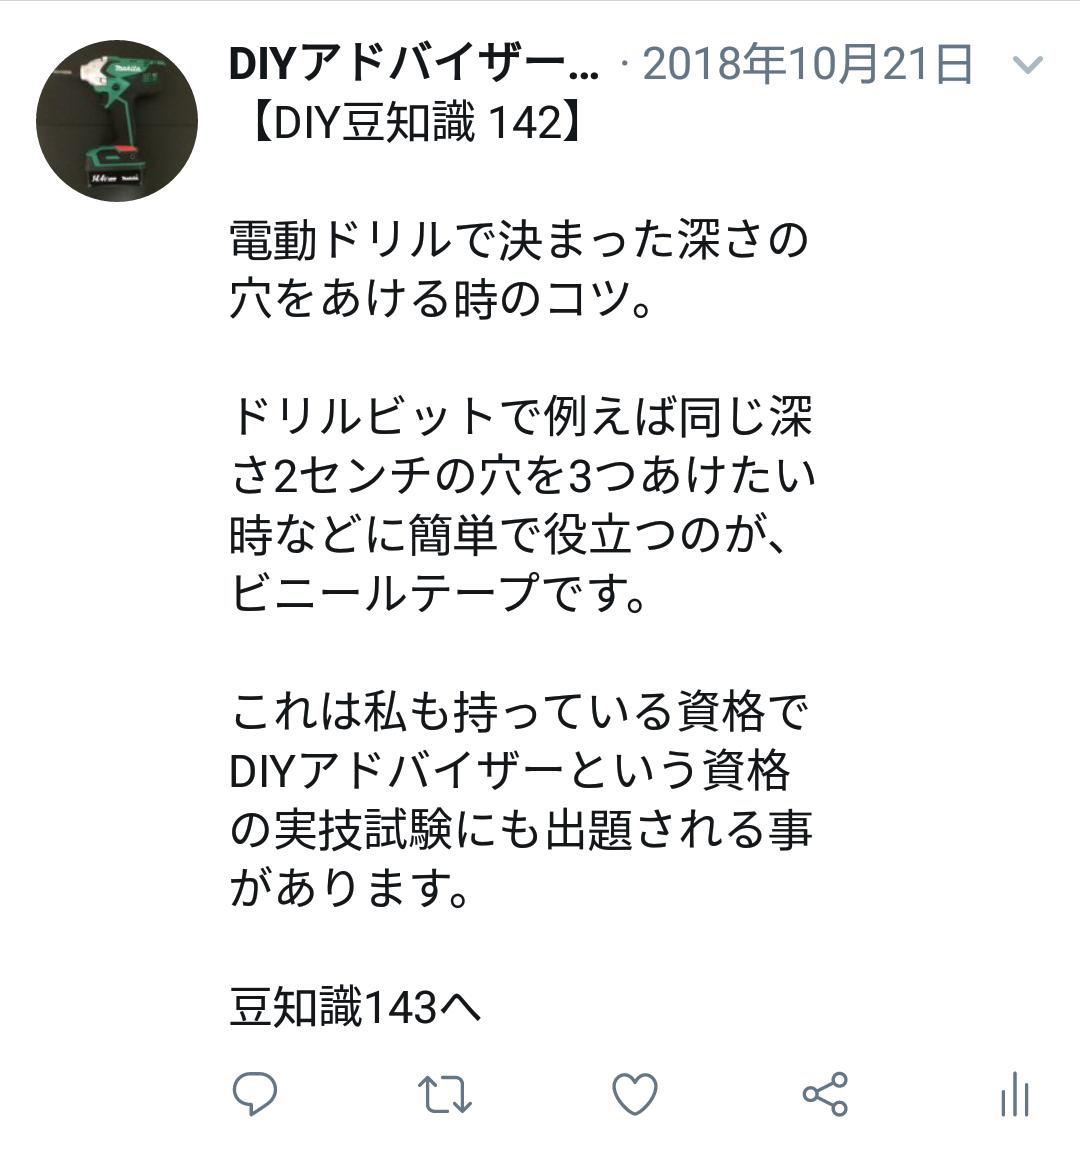 f:id:DIY33:20190406210747p:plain